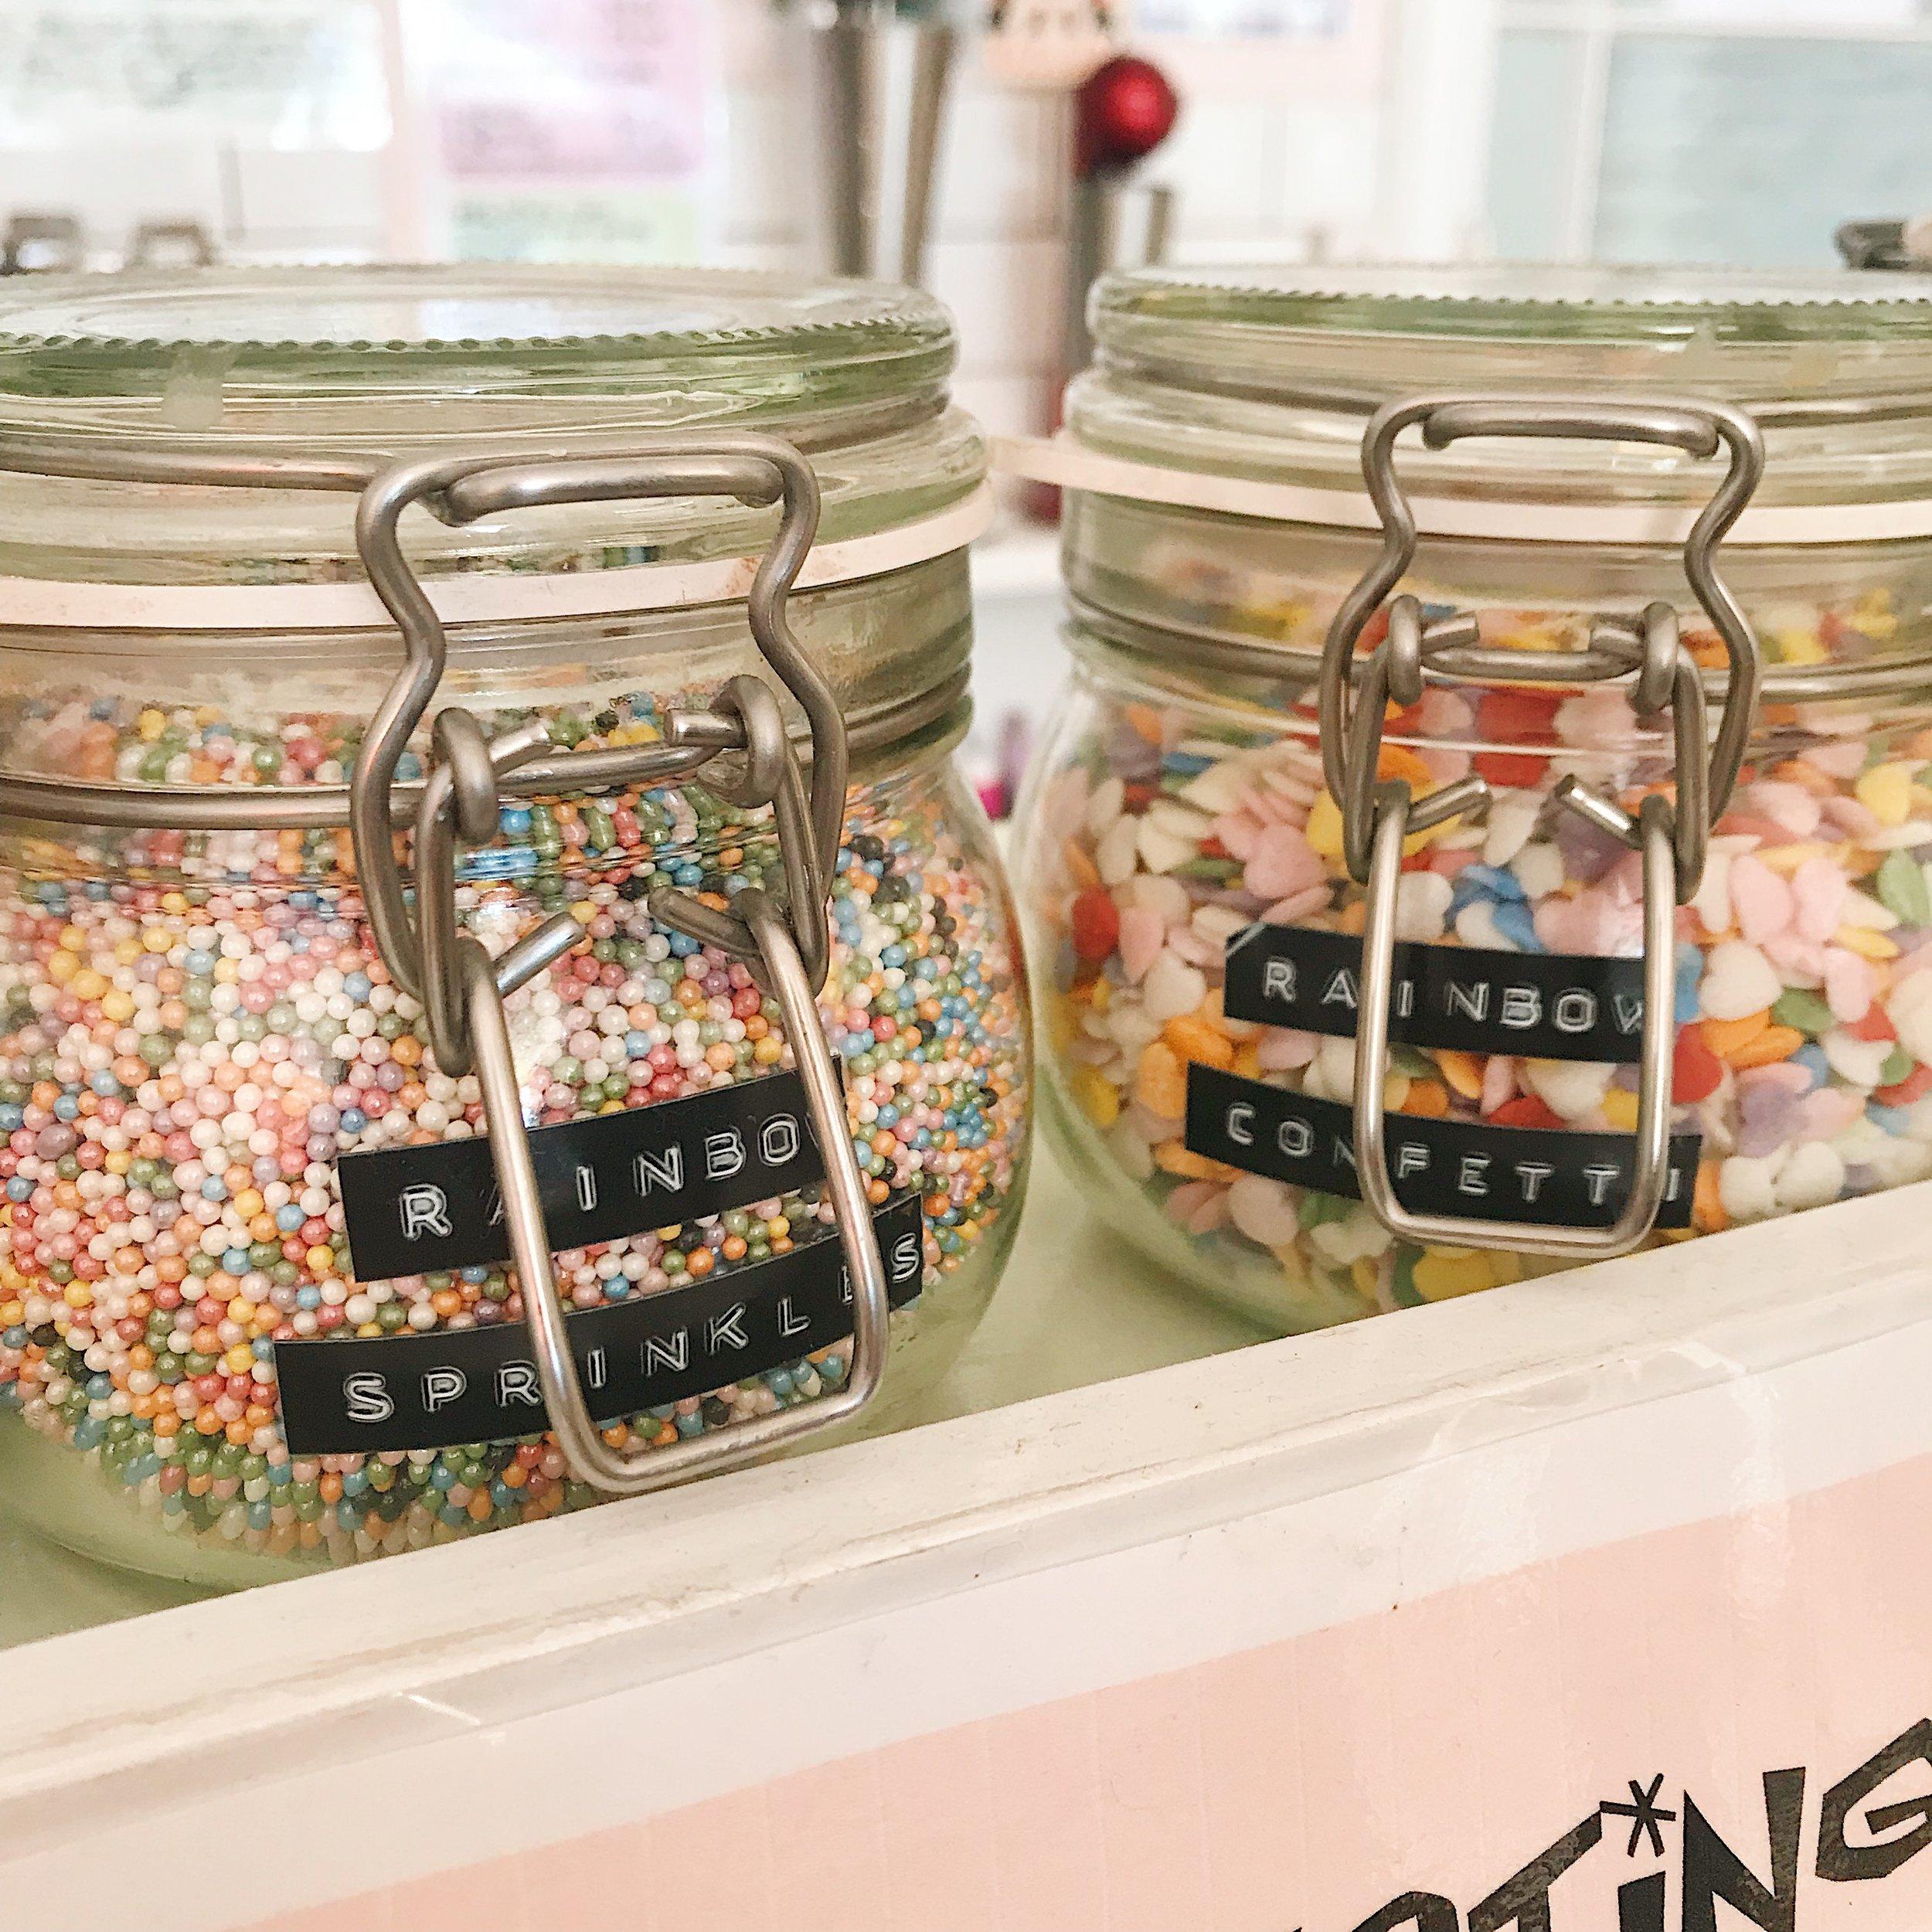 Whitstable Rainbow Sprinkles.JPG